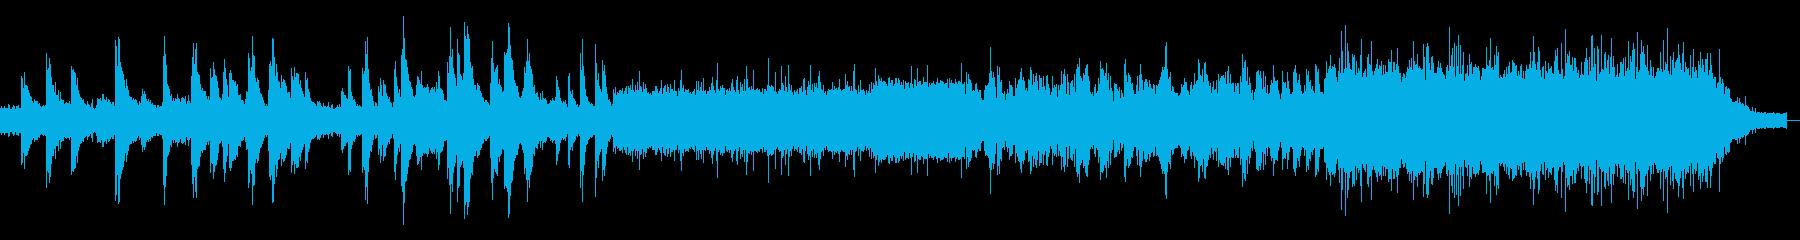 アート音楽 ピアノ 環境音 ジャズなど の再生済みの波形